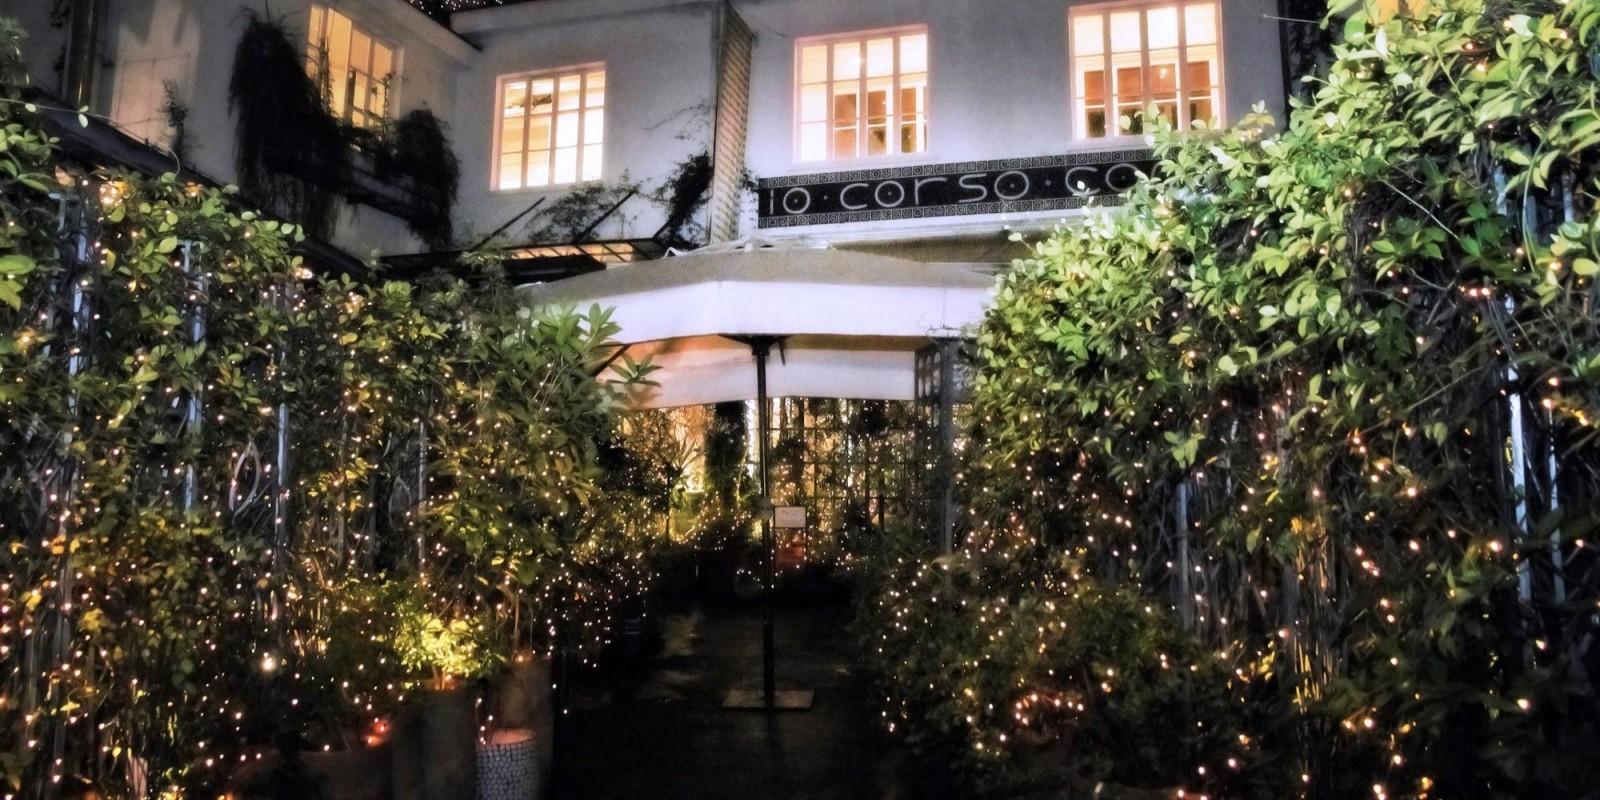 Corso como 5 locali da provare a milano for Corso stilista milano